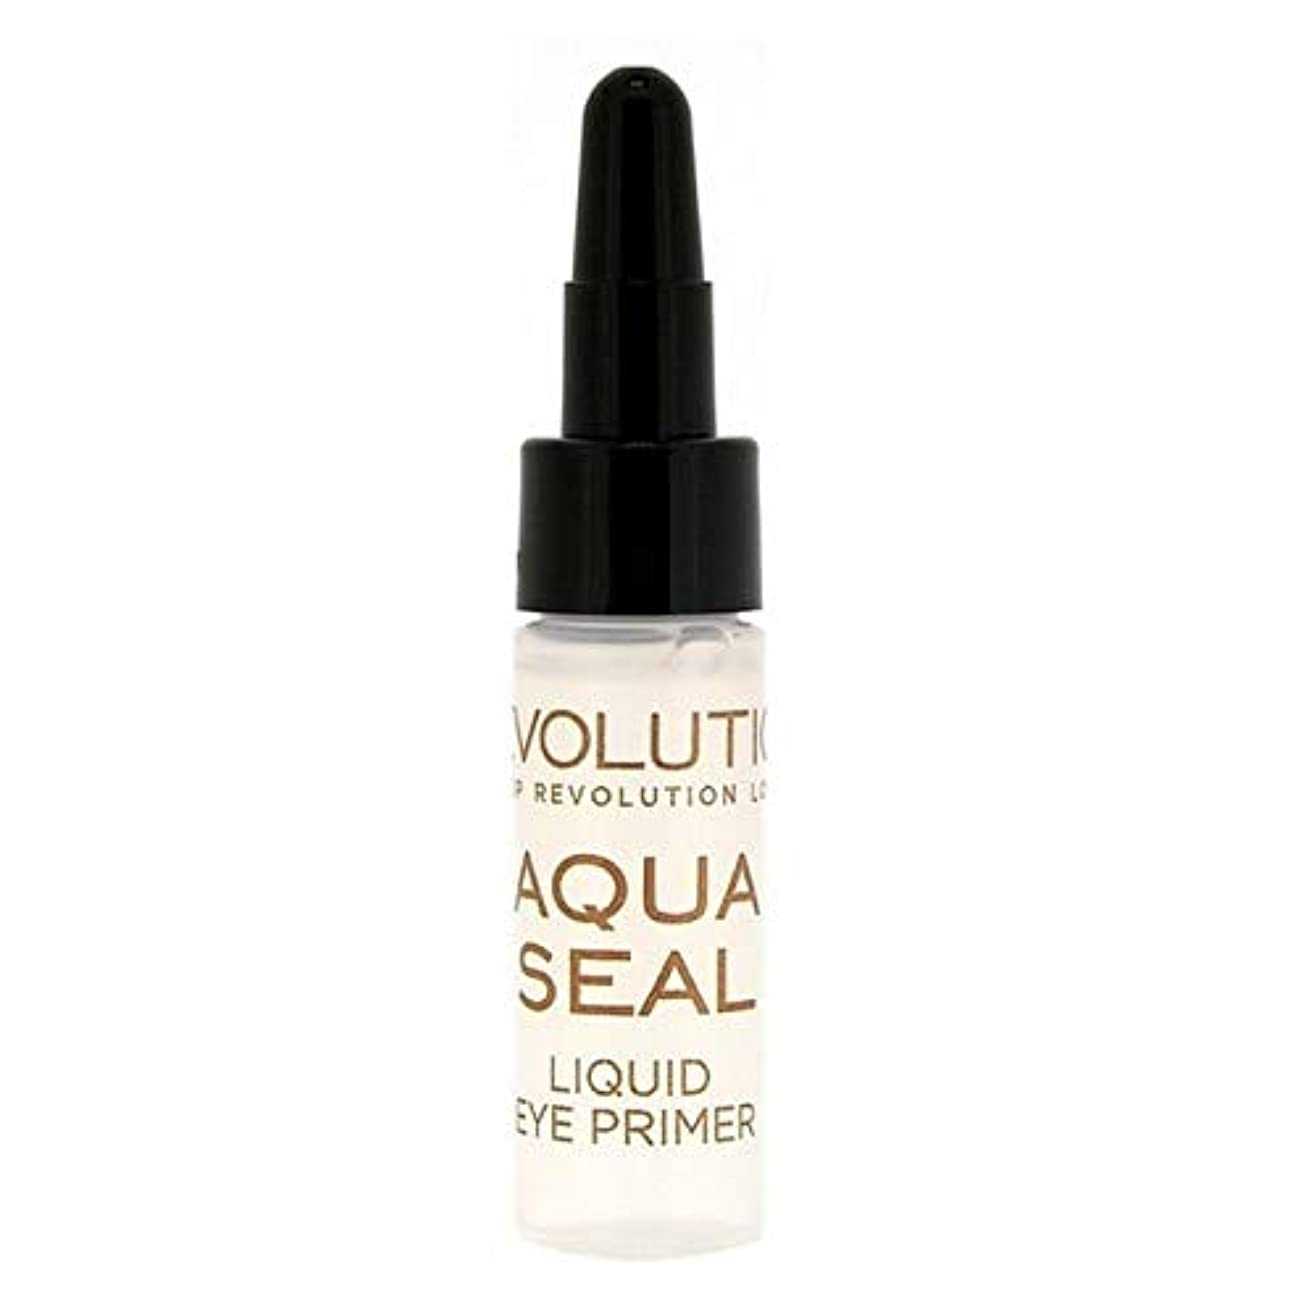 任意詐欺酸化する[Revolution ] 革命液体アクアシールアイシャドウプライマー9グラム - Revolution Liquid Aqua Seal Eyeshadow Primer 9g [並行輸入品]